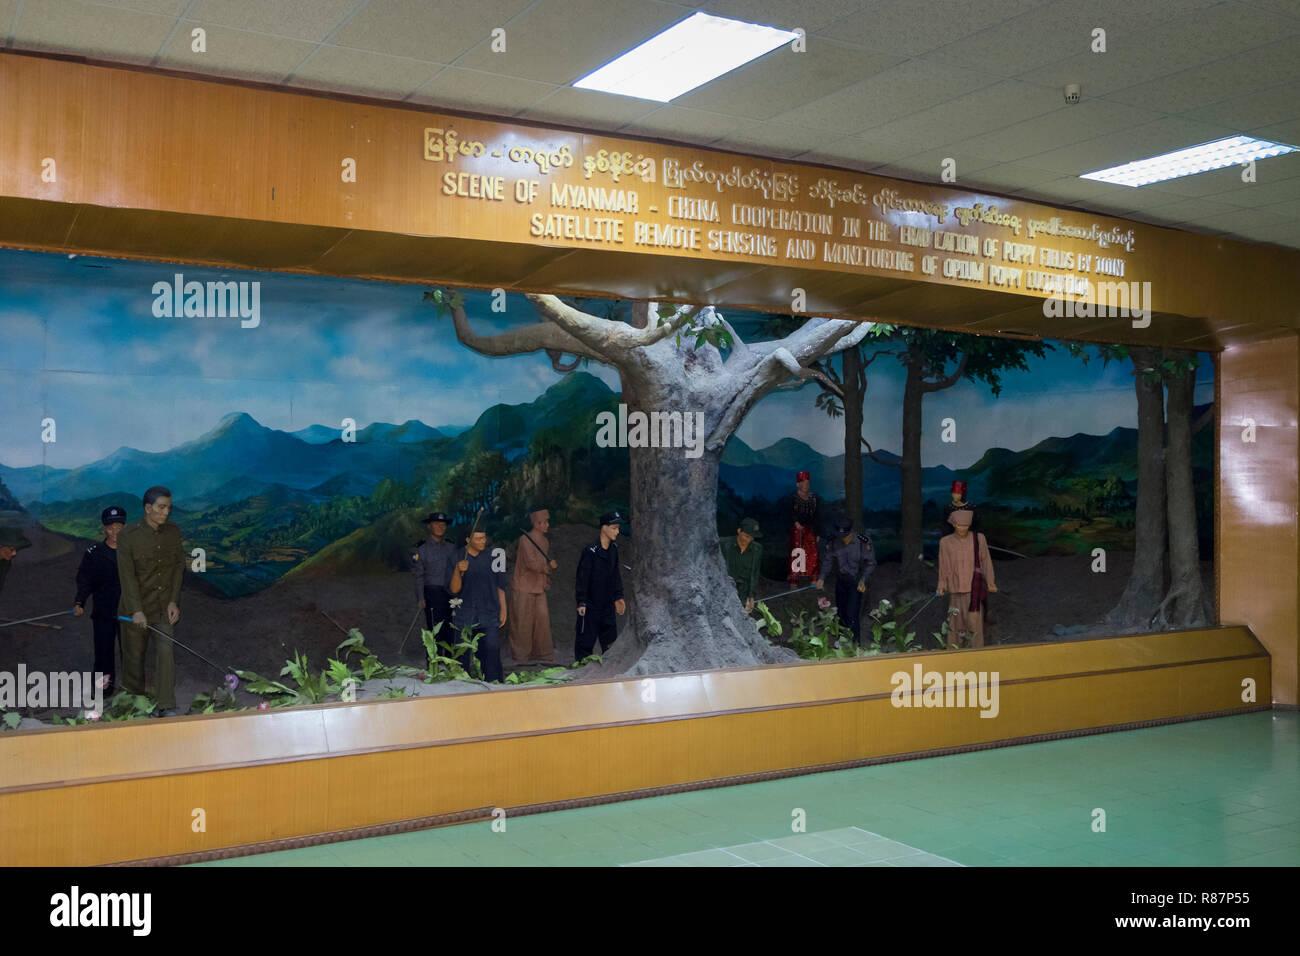 Diorama montrant la destruction du pavot à l'élimination des drogues Museum à Yangon, Myanmar. Banque D'Images